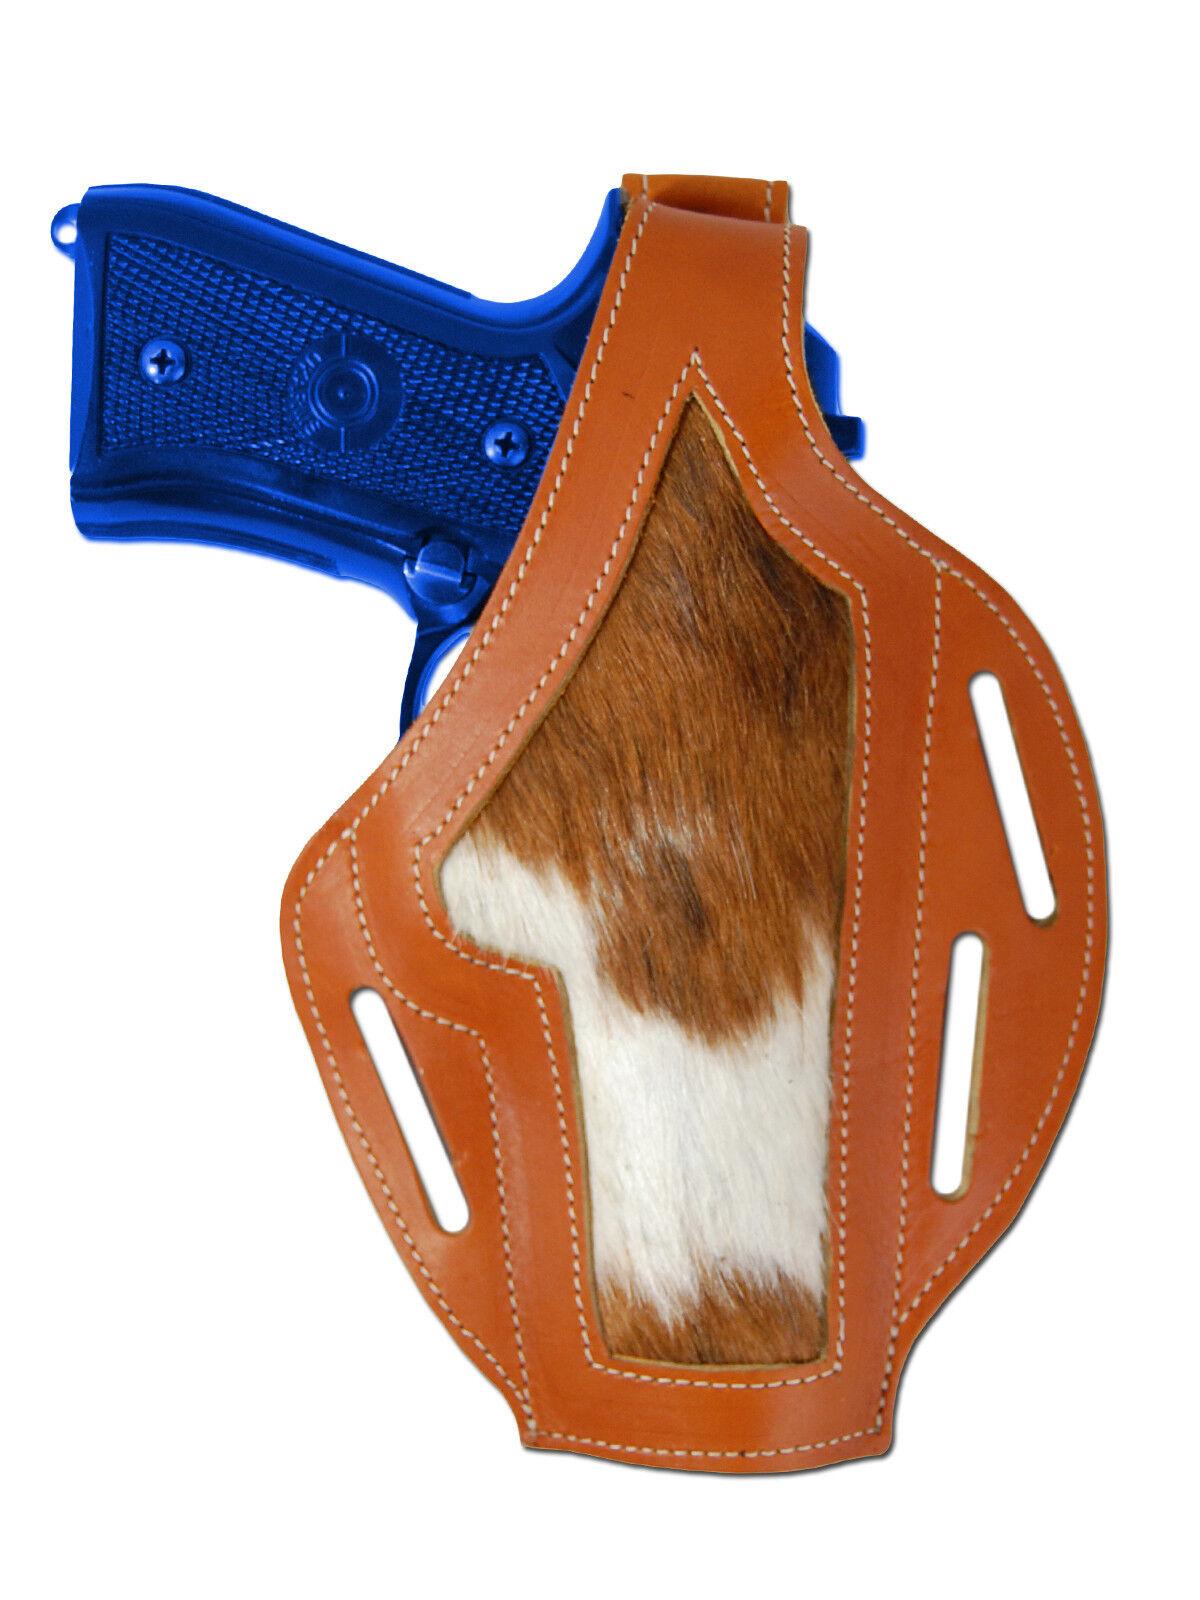 Nuevo barsony cuero tostado Personalizado Funda Pistola Para Ruger Star de tamaño completo de 9 mm 40 45